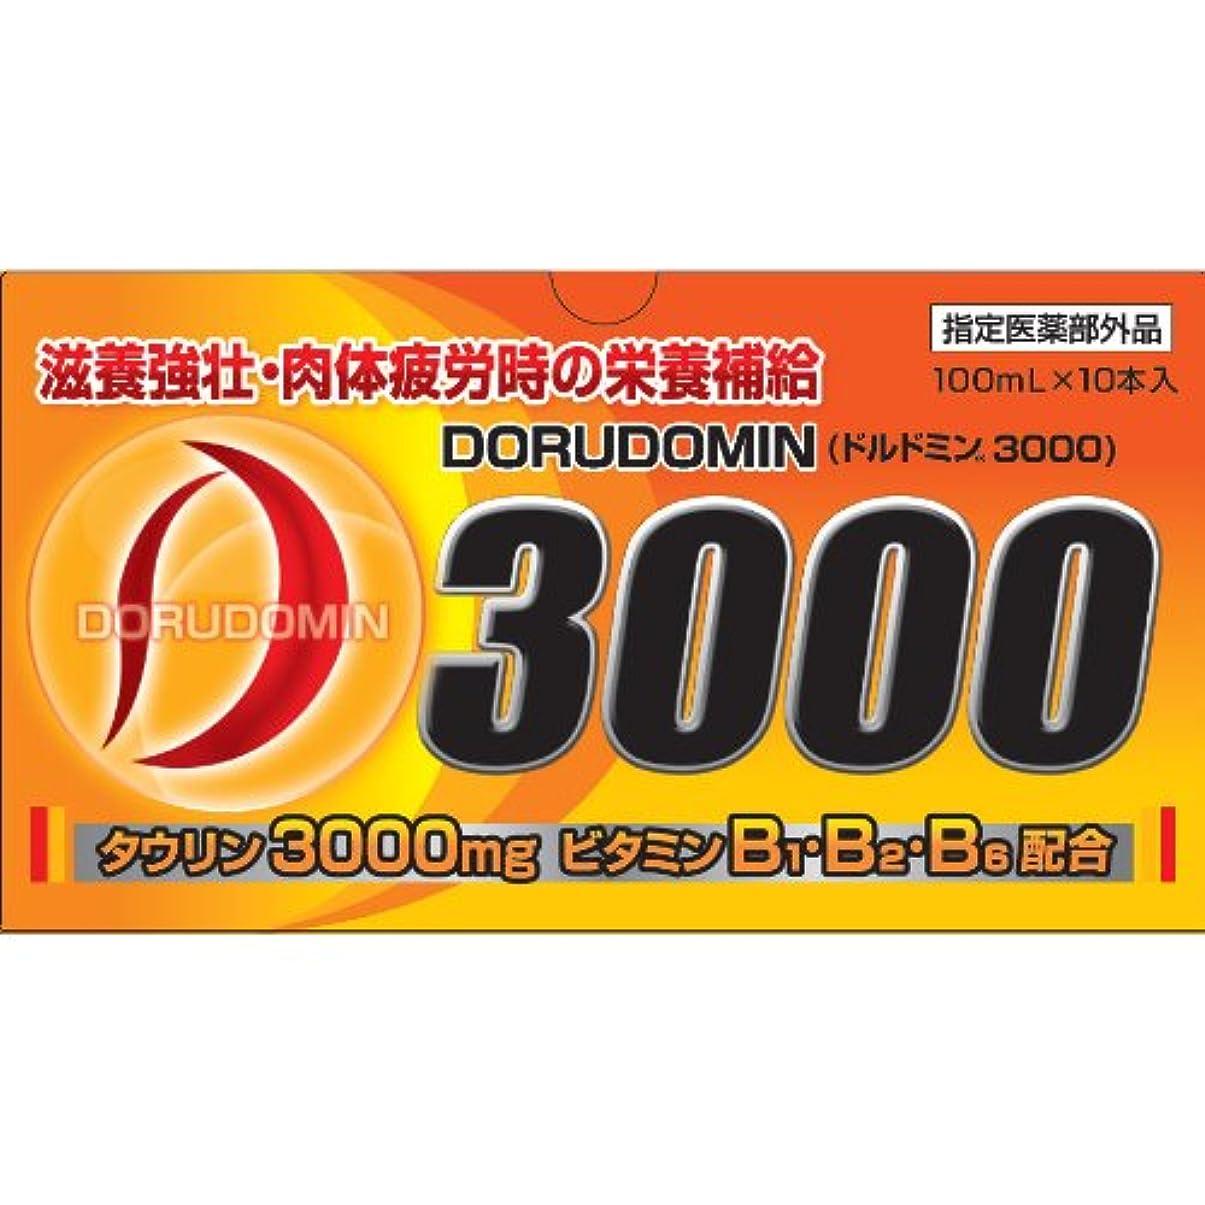 日焼け歯車またねドルドミン3000 10本パック [指定医薬部外品]